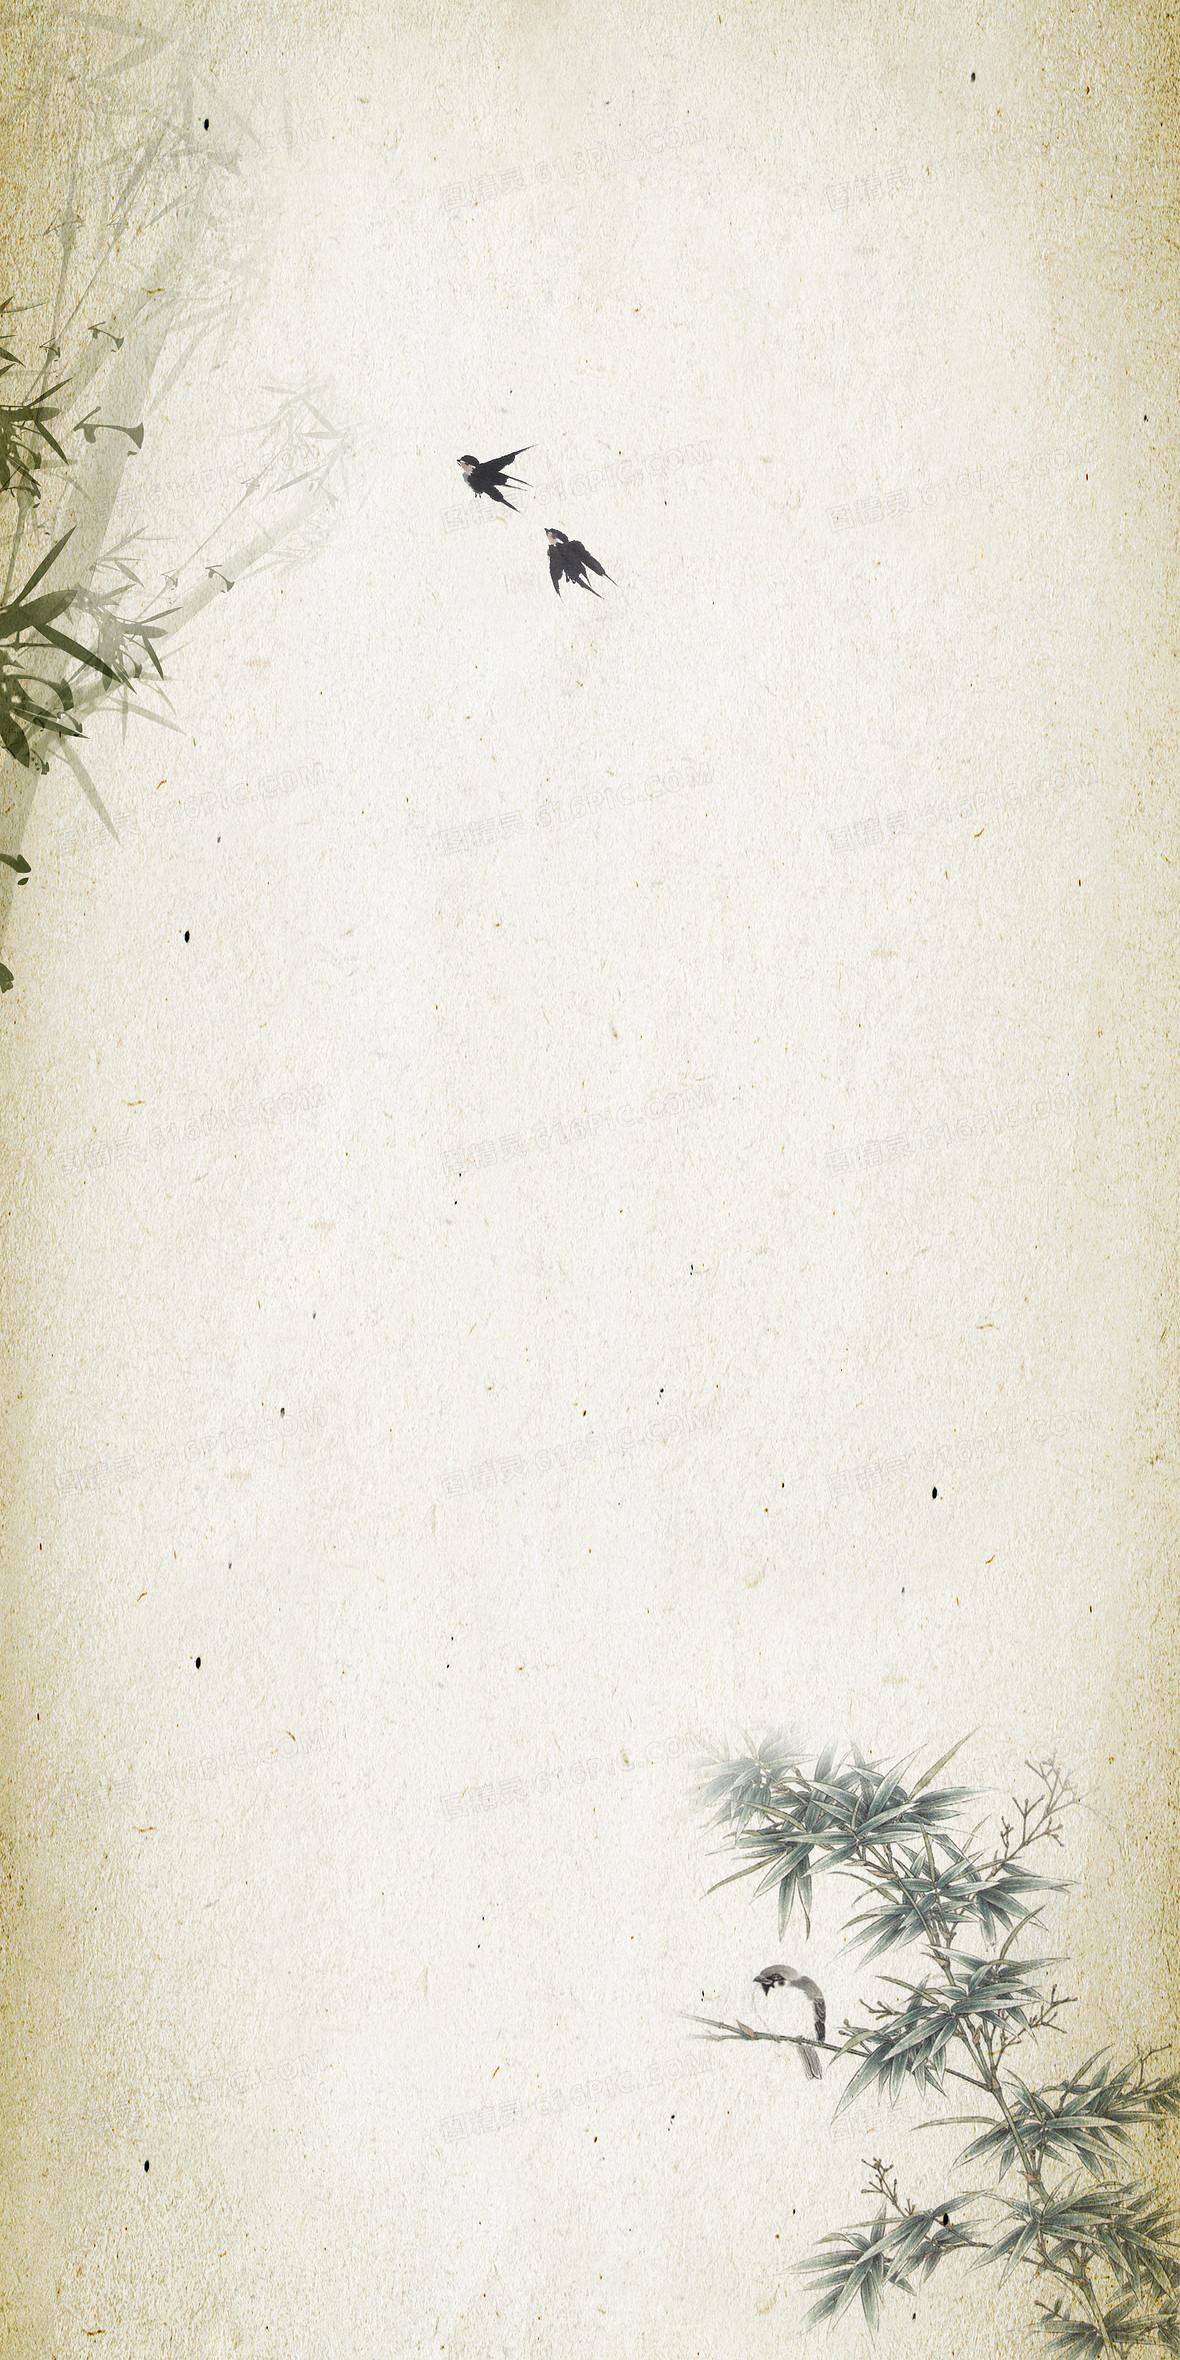 中國風iphone壁紙